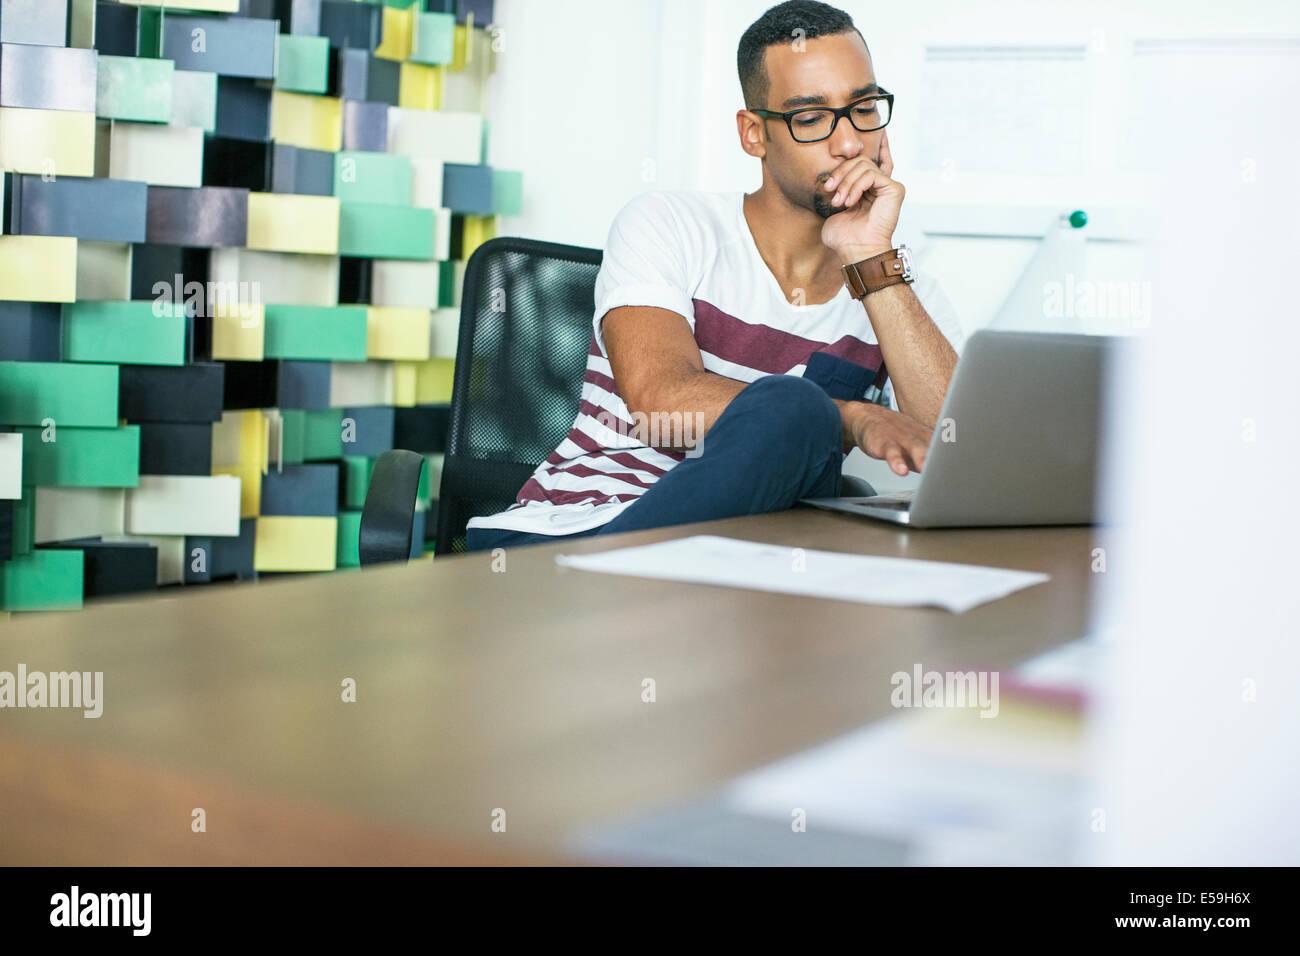 Hombre utilizando el portátil en la oficina Imagen De Stock